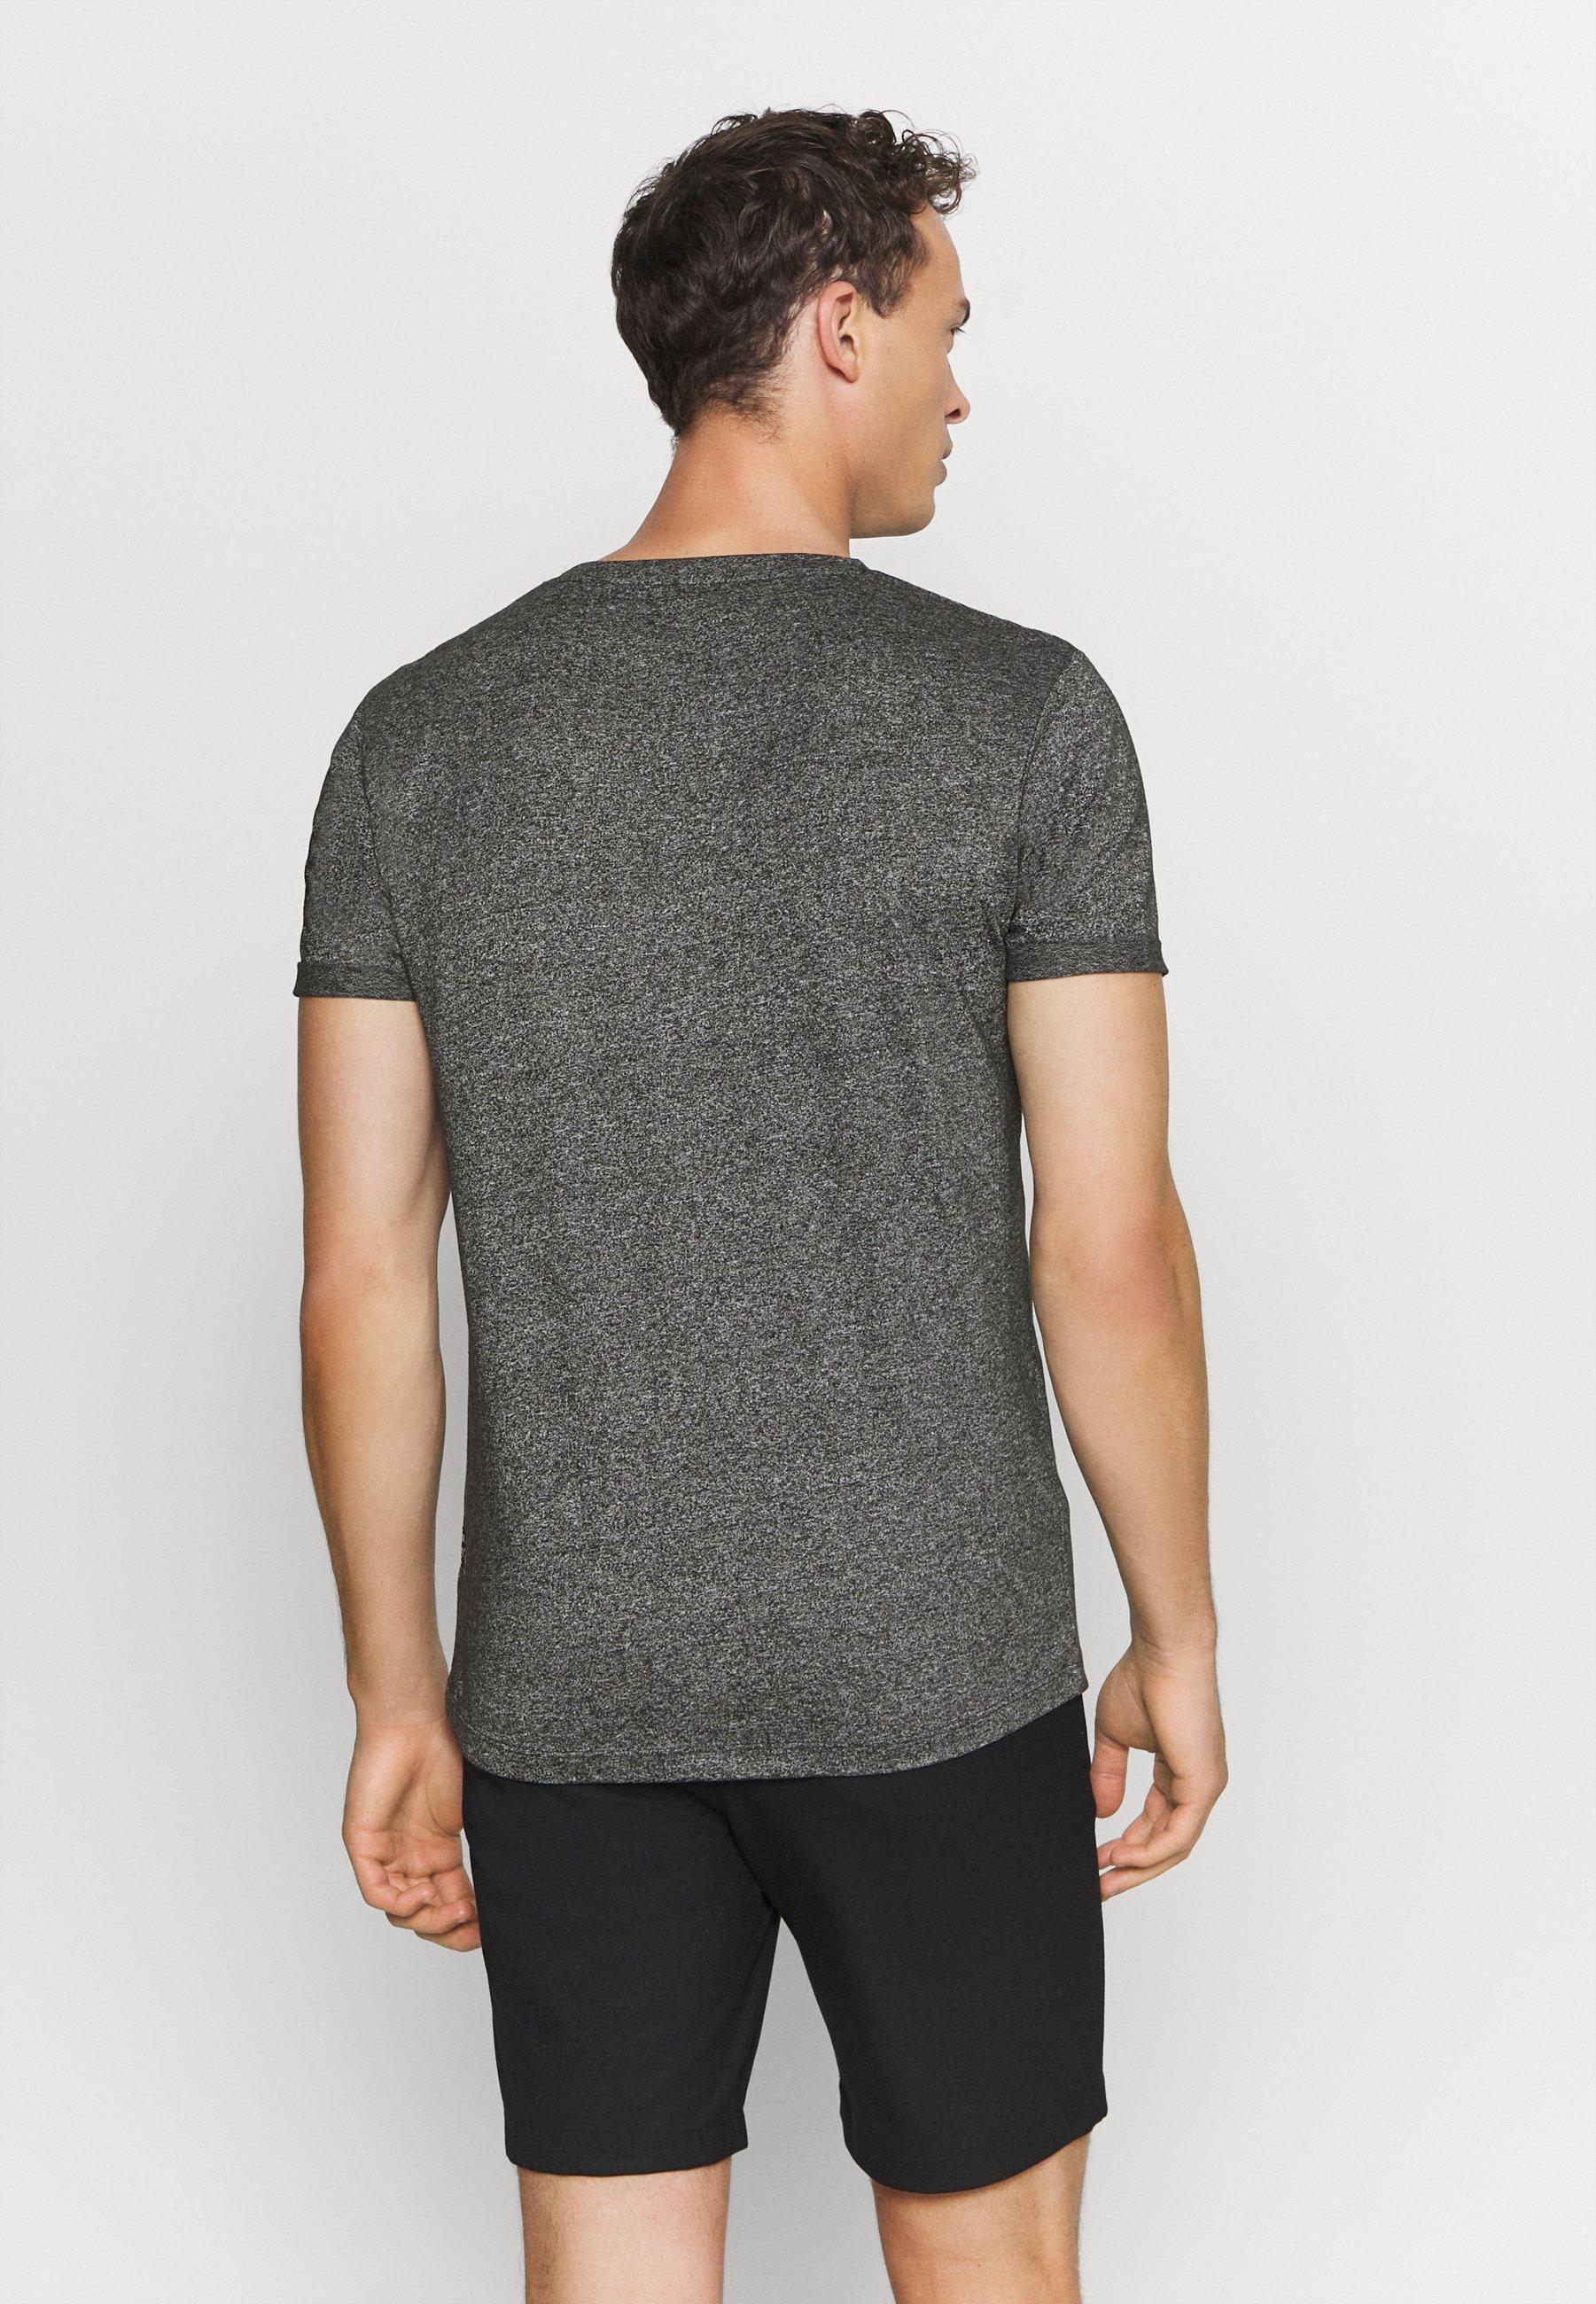 TOM TAILOR DENIM Basic T-shirt - black 65ch9